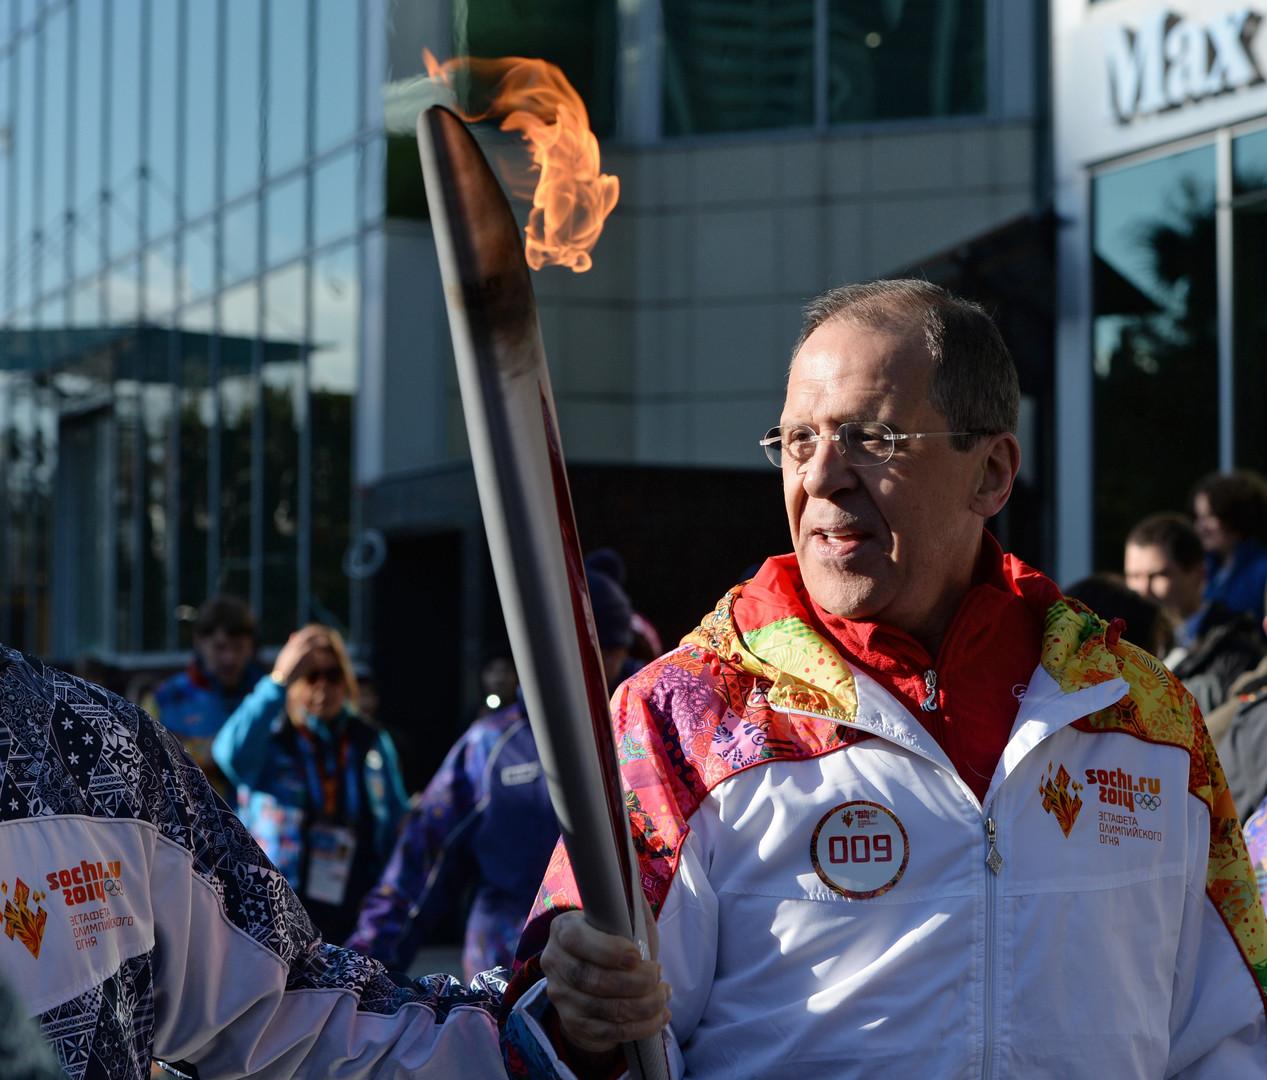 Der russische Außenminister Sergej Lawrow während des Olympischen Fackellaufs im Februar 2014 in Sotschi.